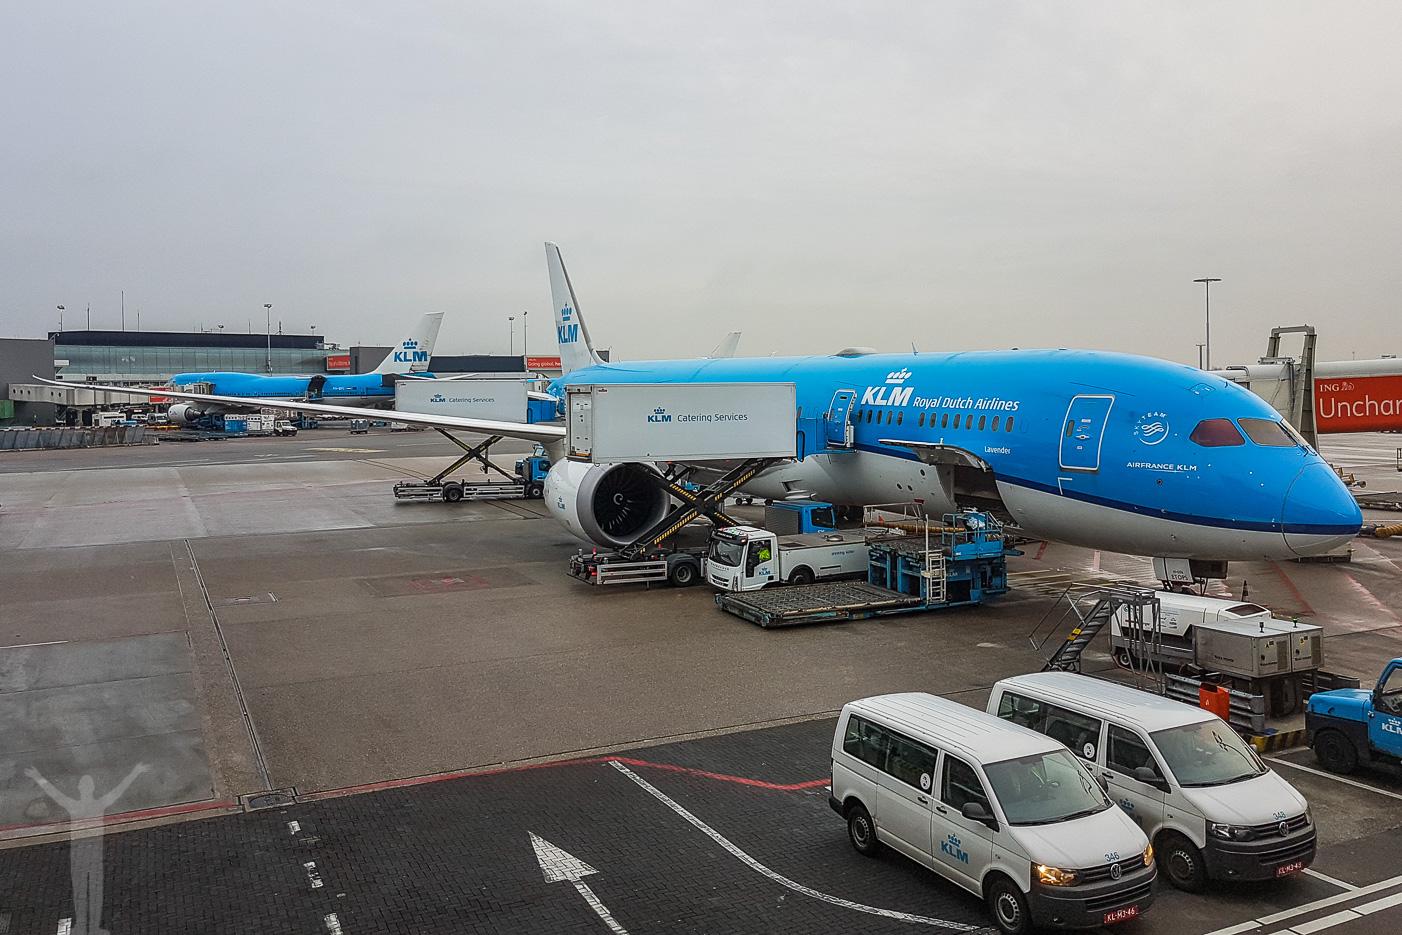 KLM 787 Dreamliner - PH-BHI